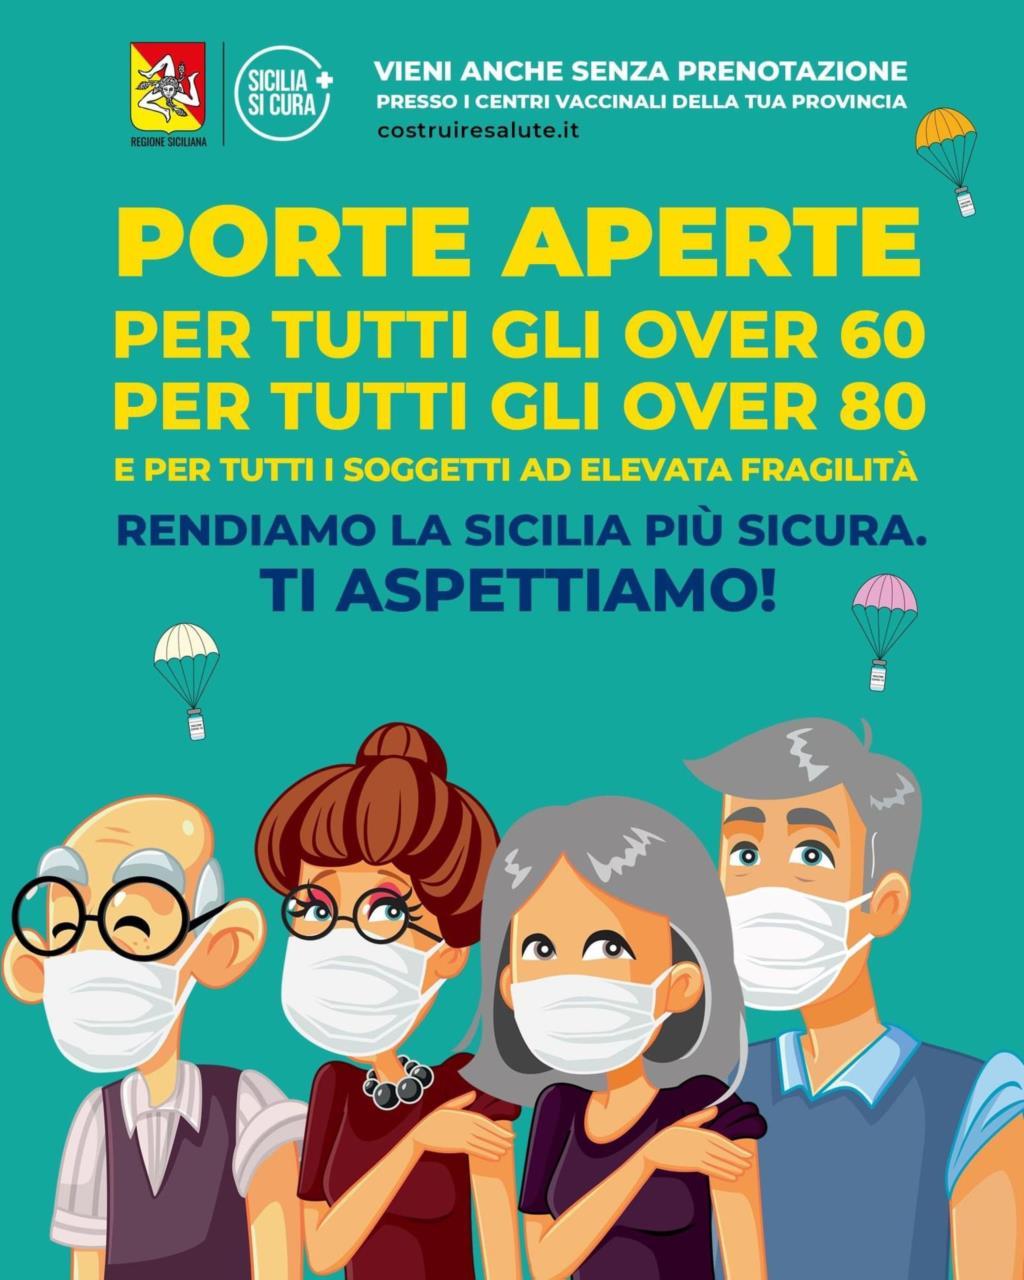 Vaccini senza prenotazione, porte aperte fino al 2 maggio